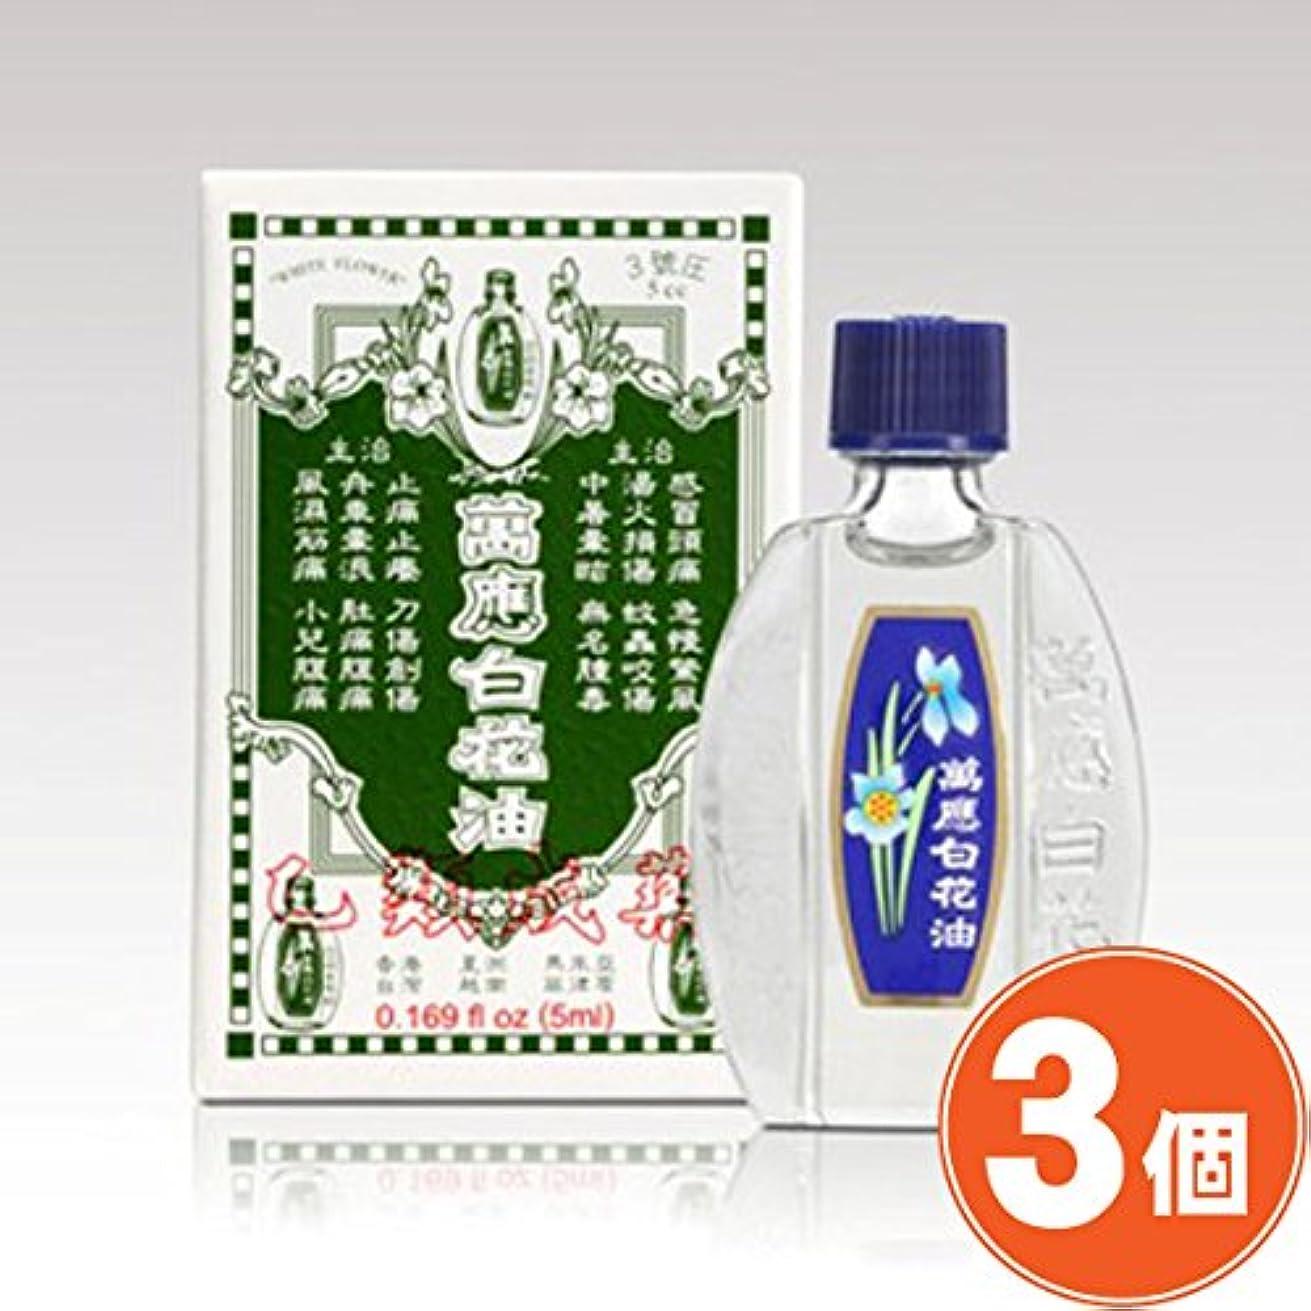 硬化するに聖なる《萬應白花油》 台湾の万能アロマオイル 万能白花油 5ml × 3個 《台湾 お土産》 [並行輸入品]